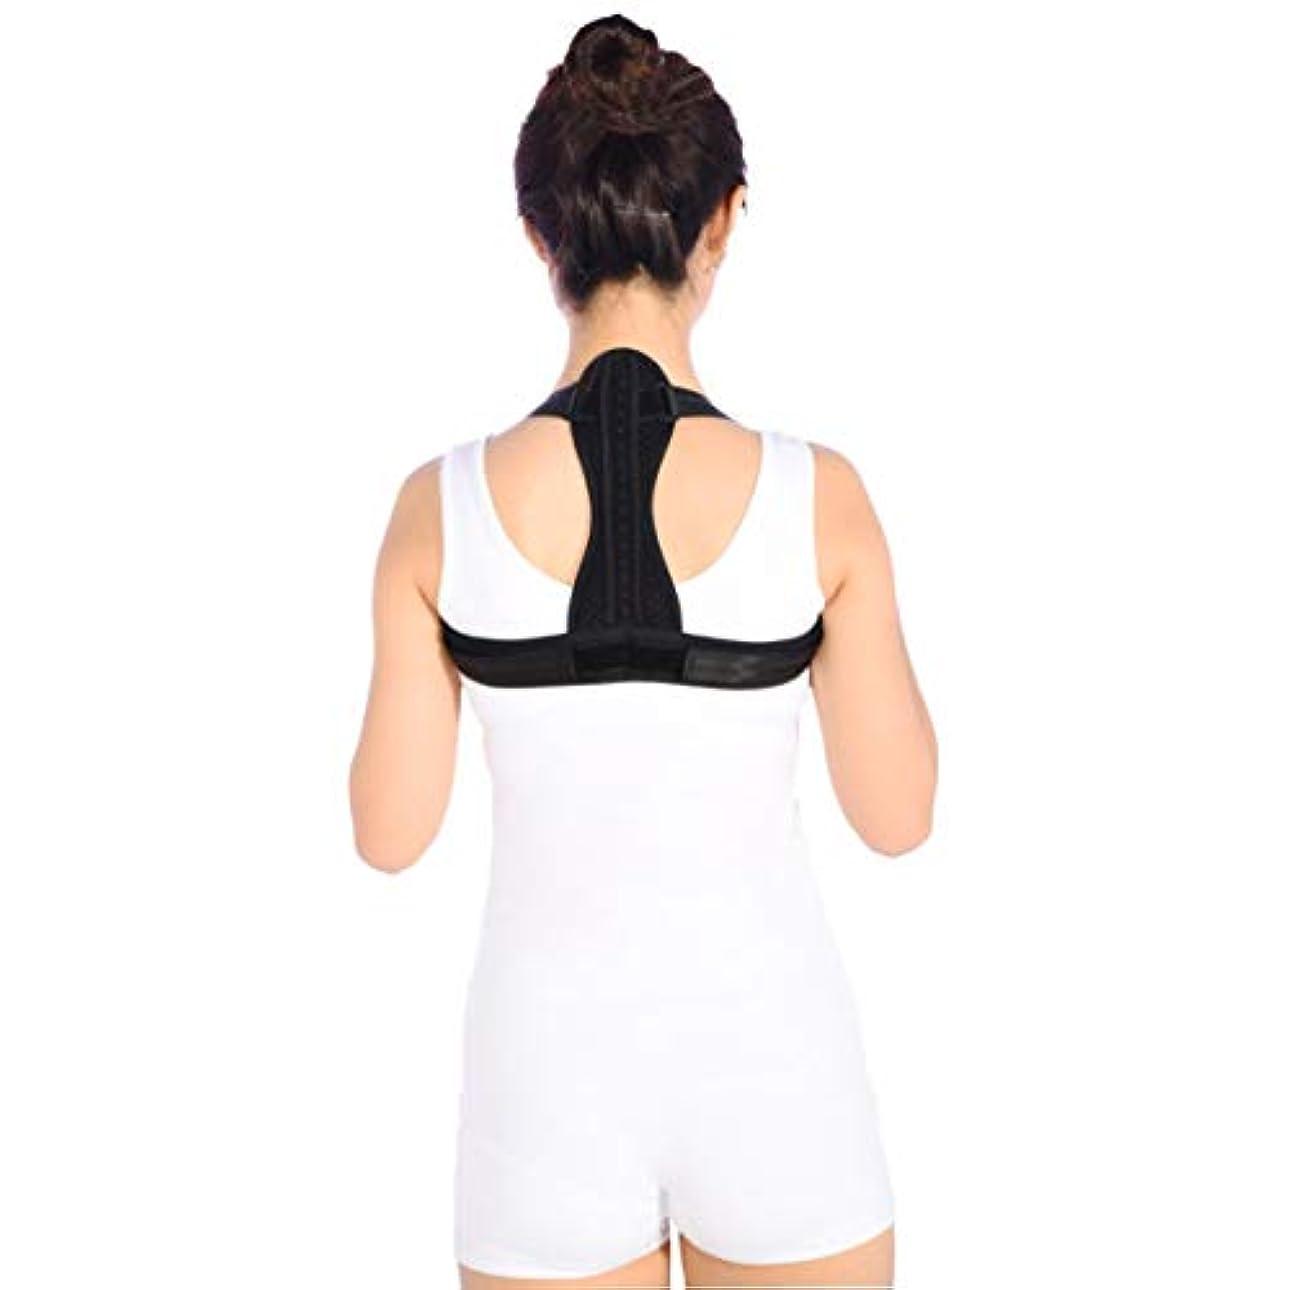 文庫本必要としている邪悪な通気性の脊柱側弯症ザトウクジラ補正ベルト調節可能な快適さ目に見えないベルト男性女性大人学生子供 - 黒